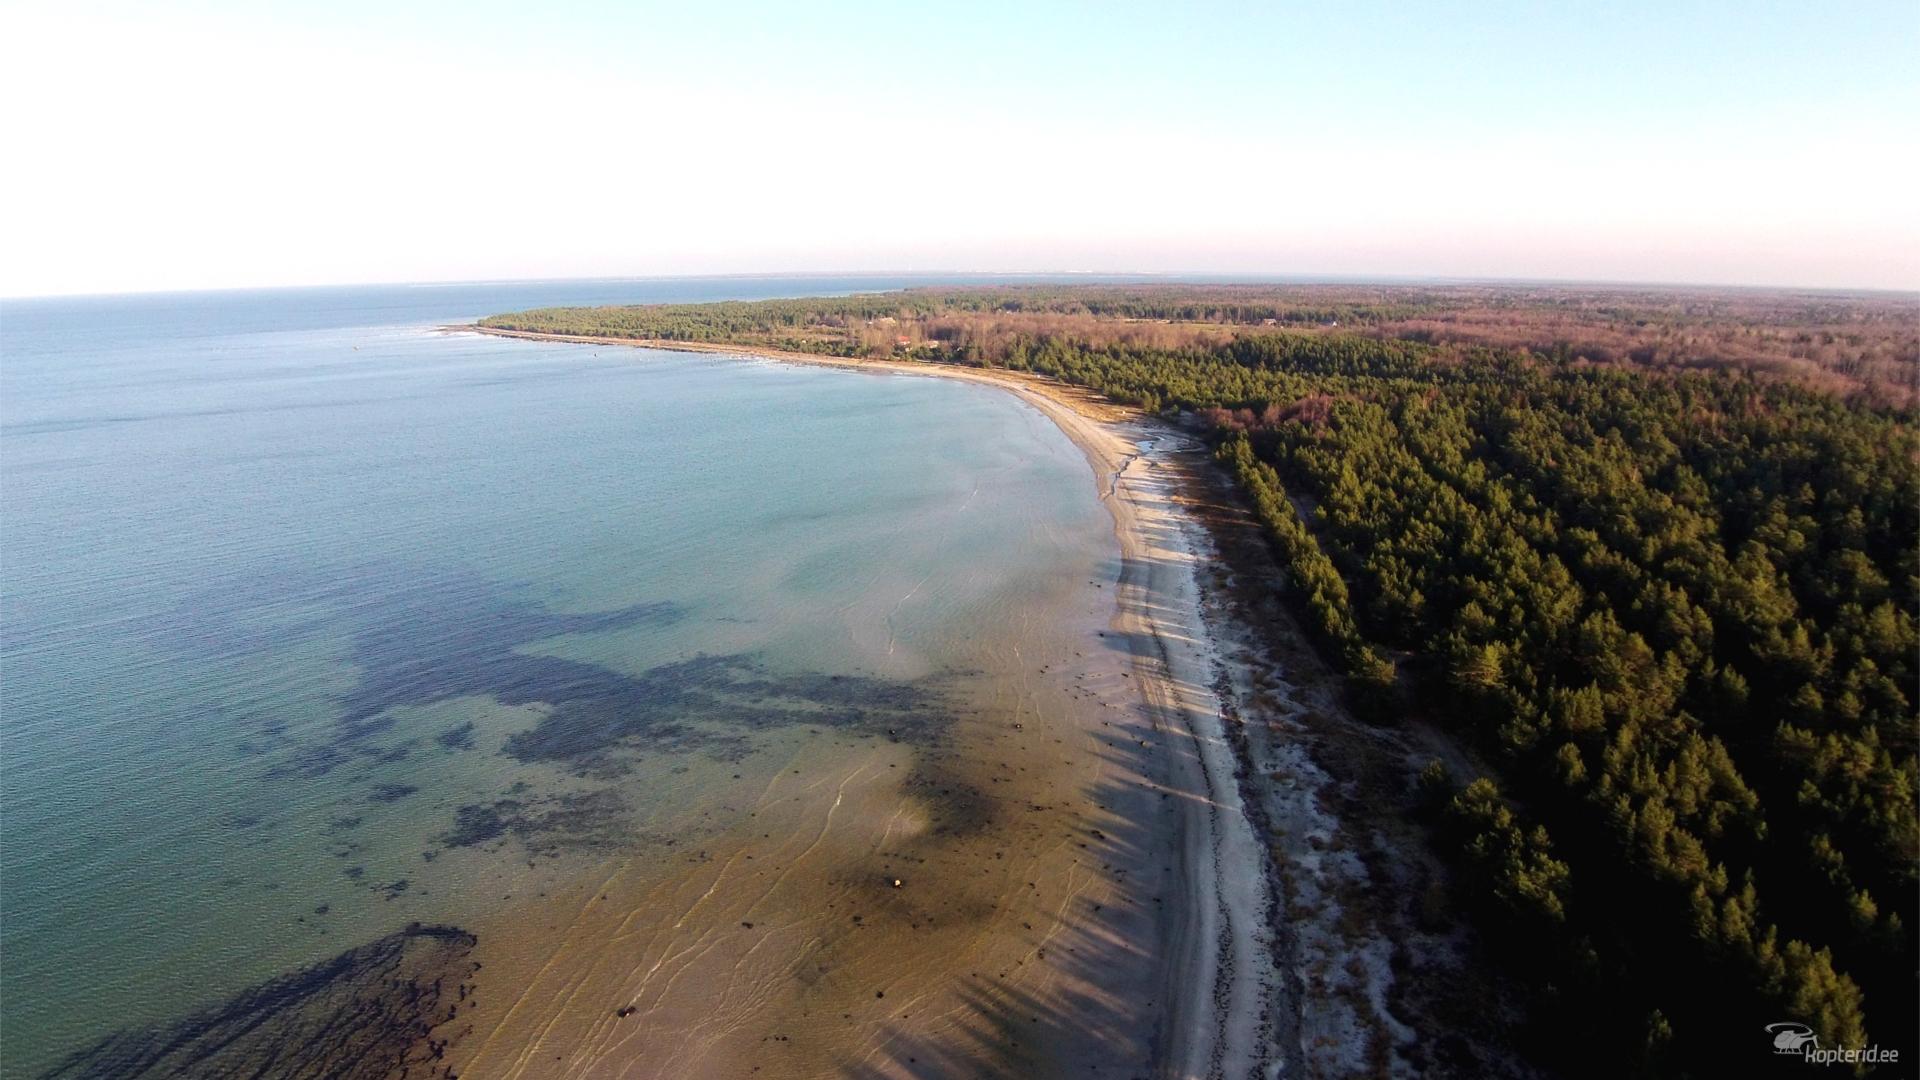 Põhja-Eesti rannik